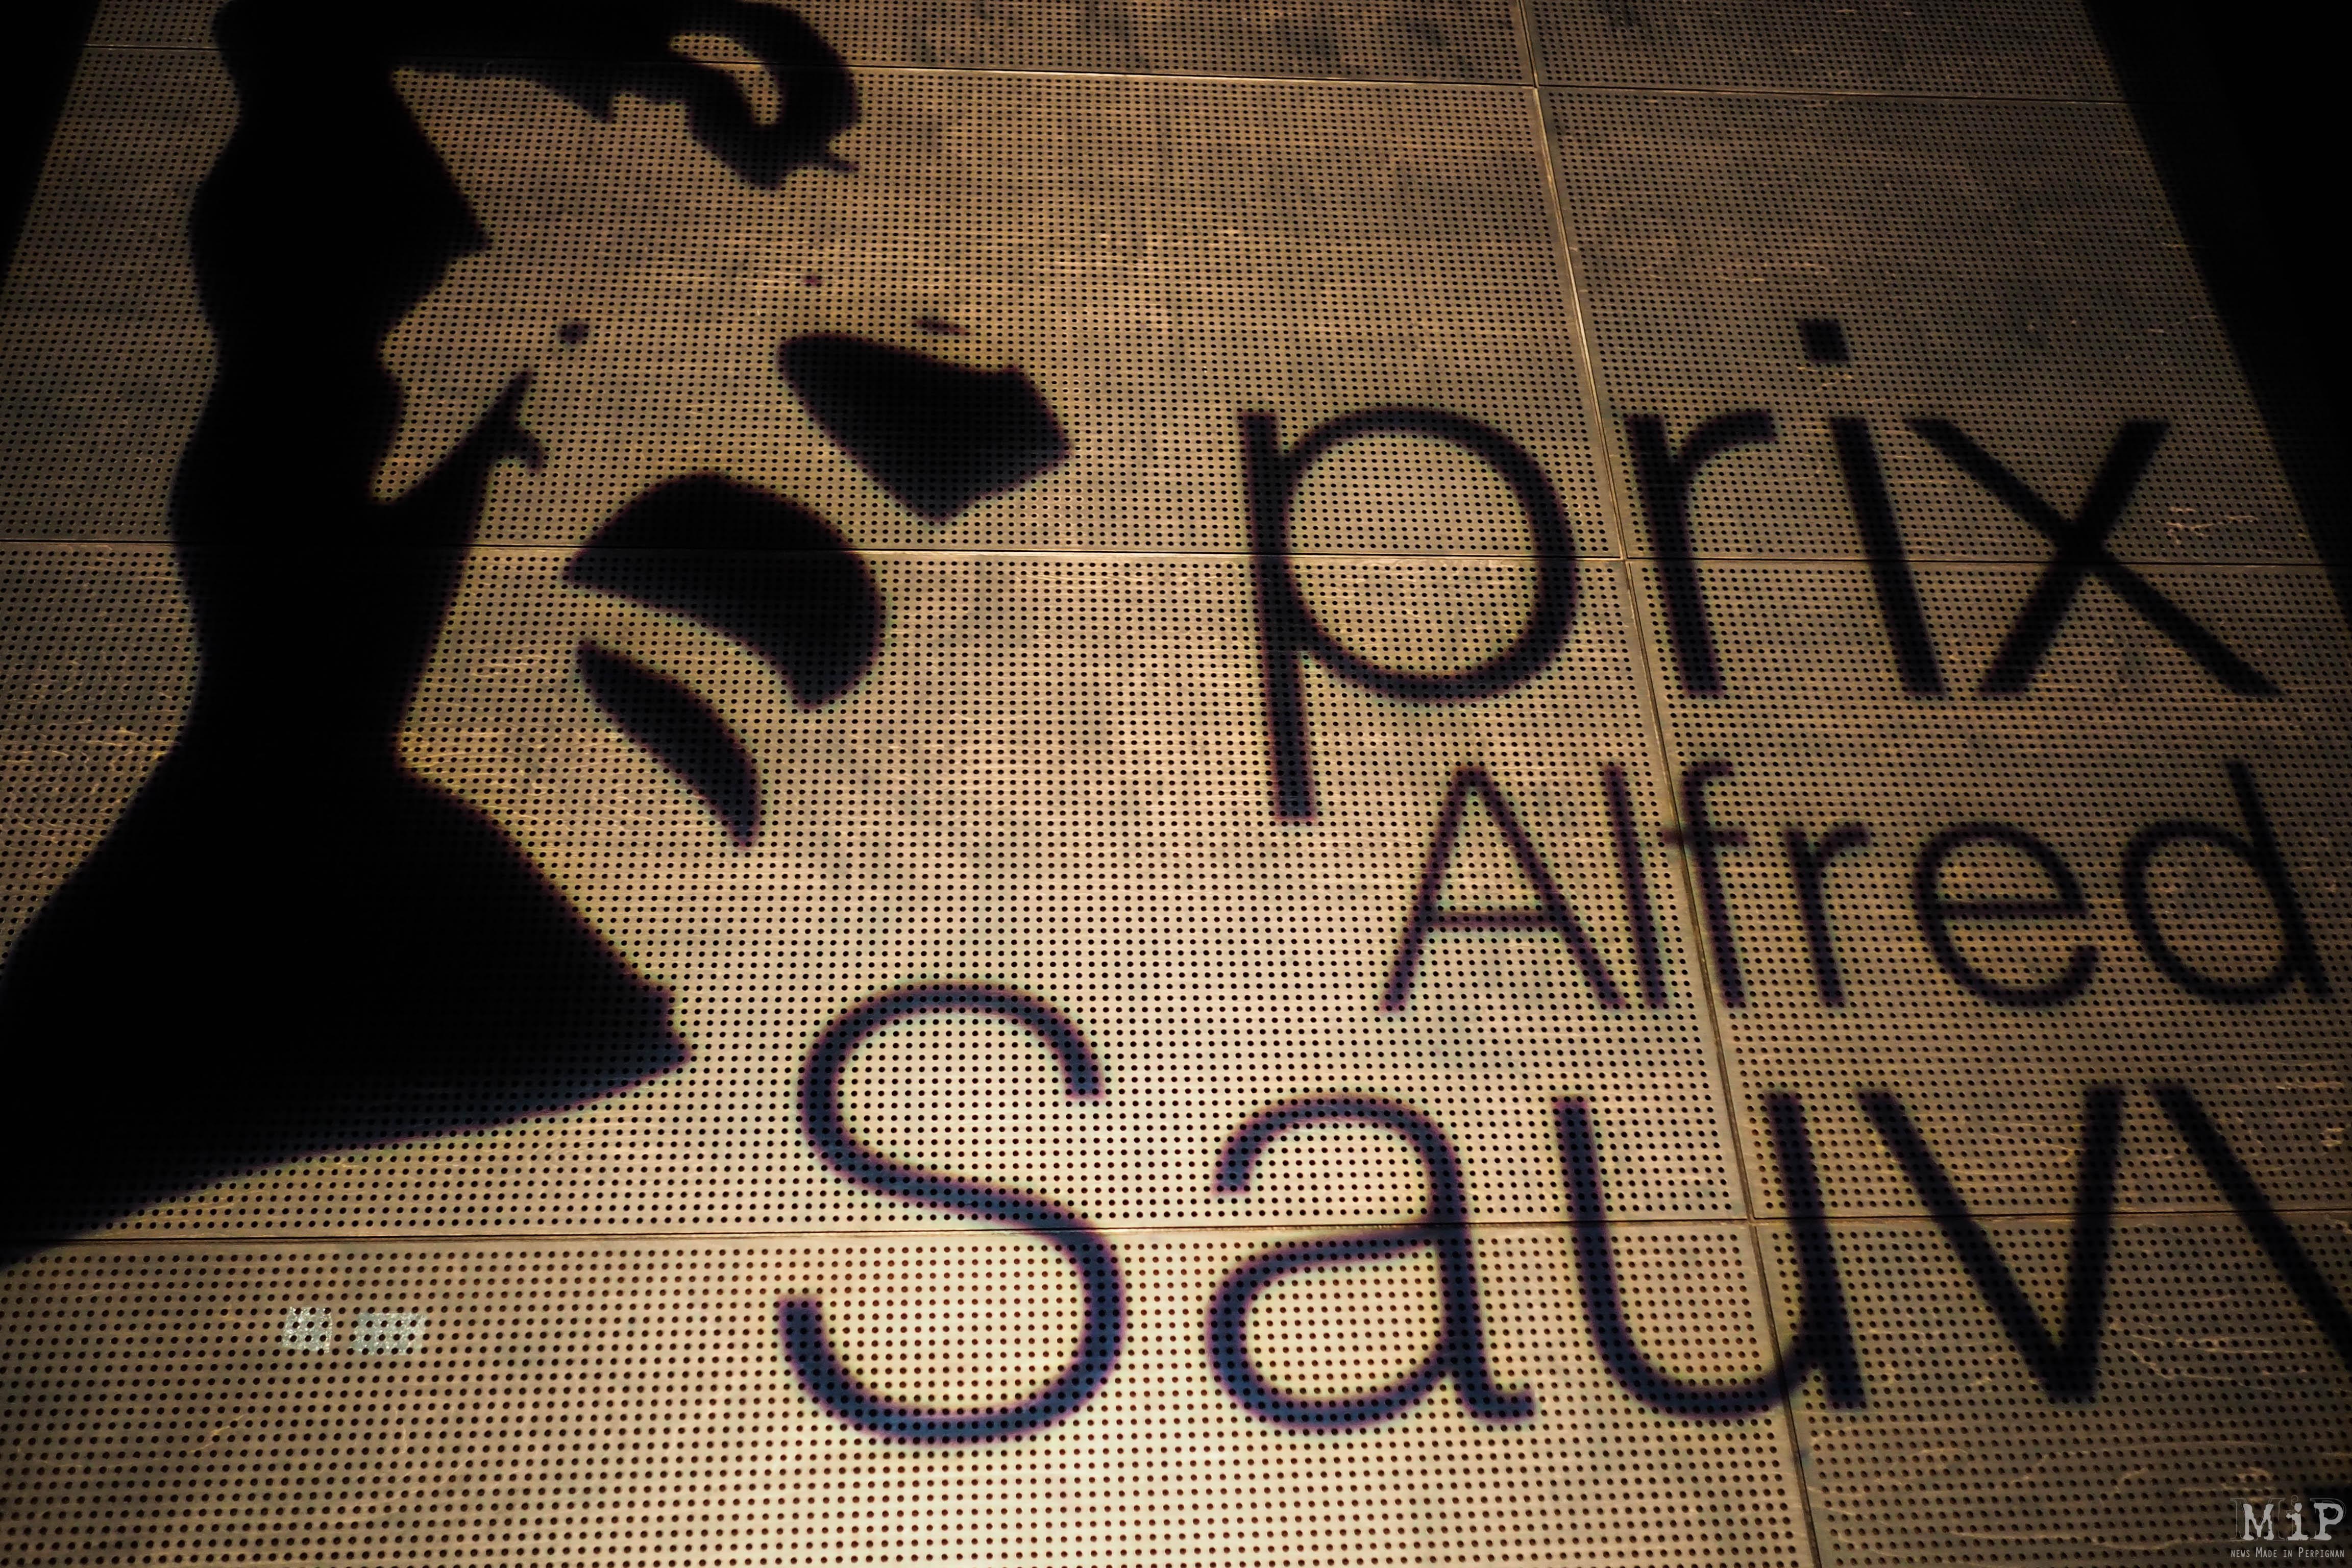 Prix Alfred Sauvy